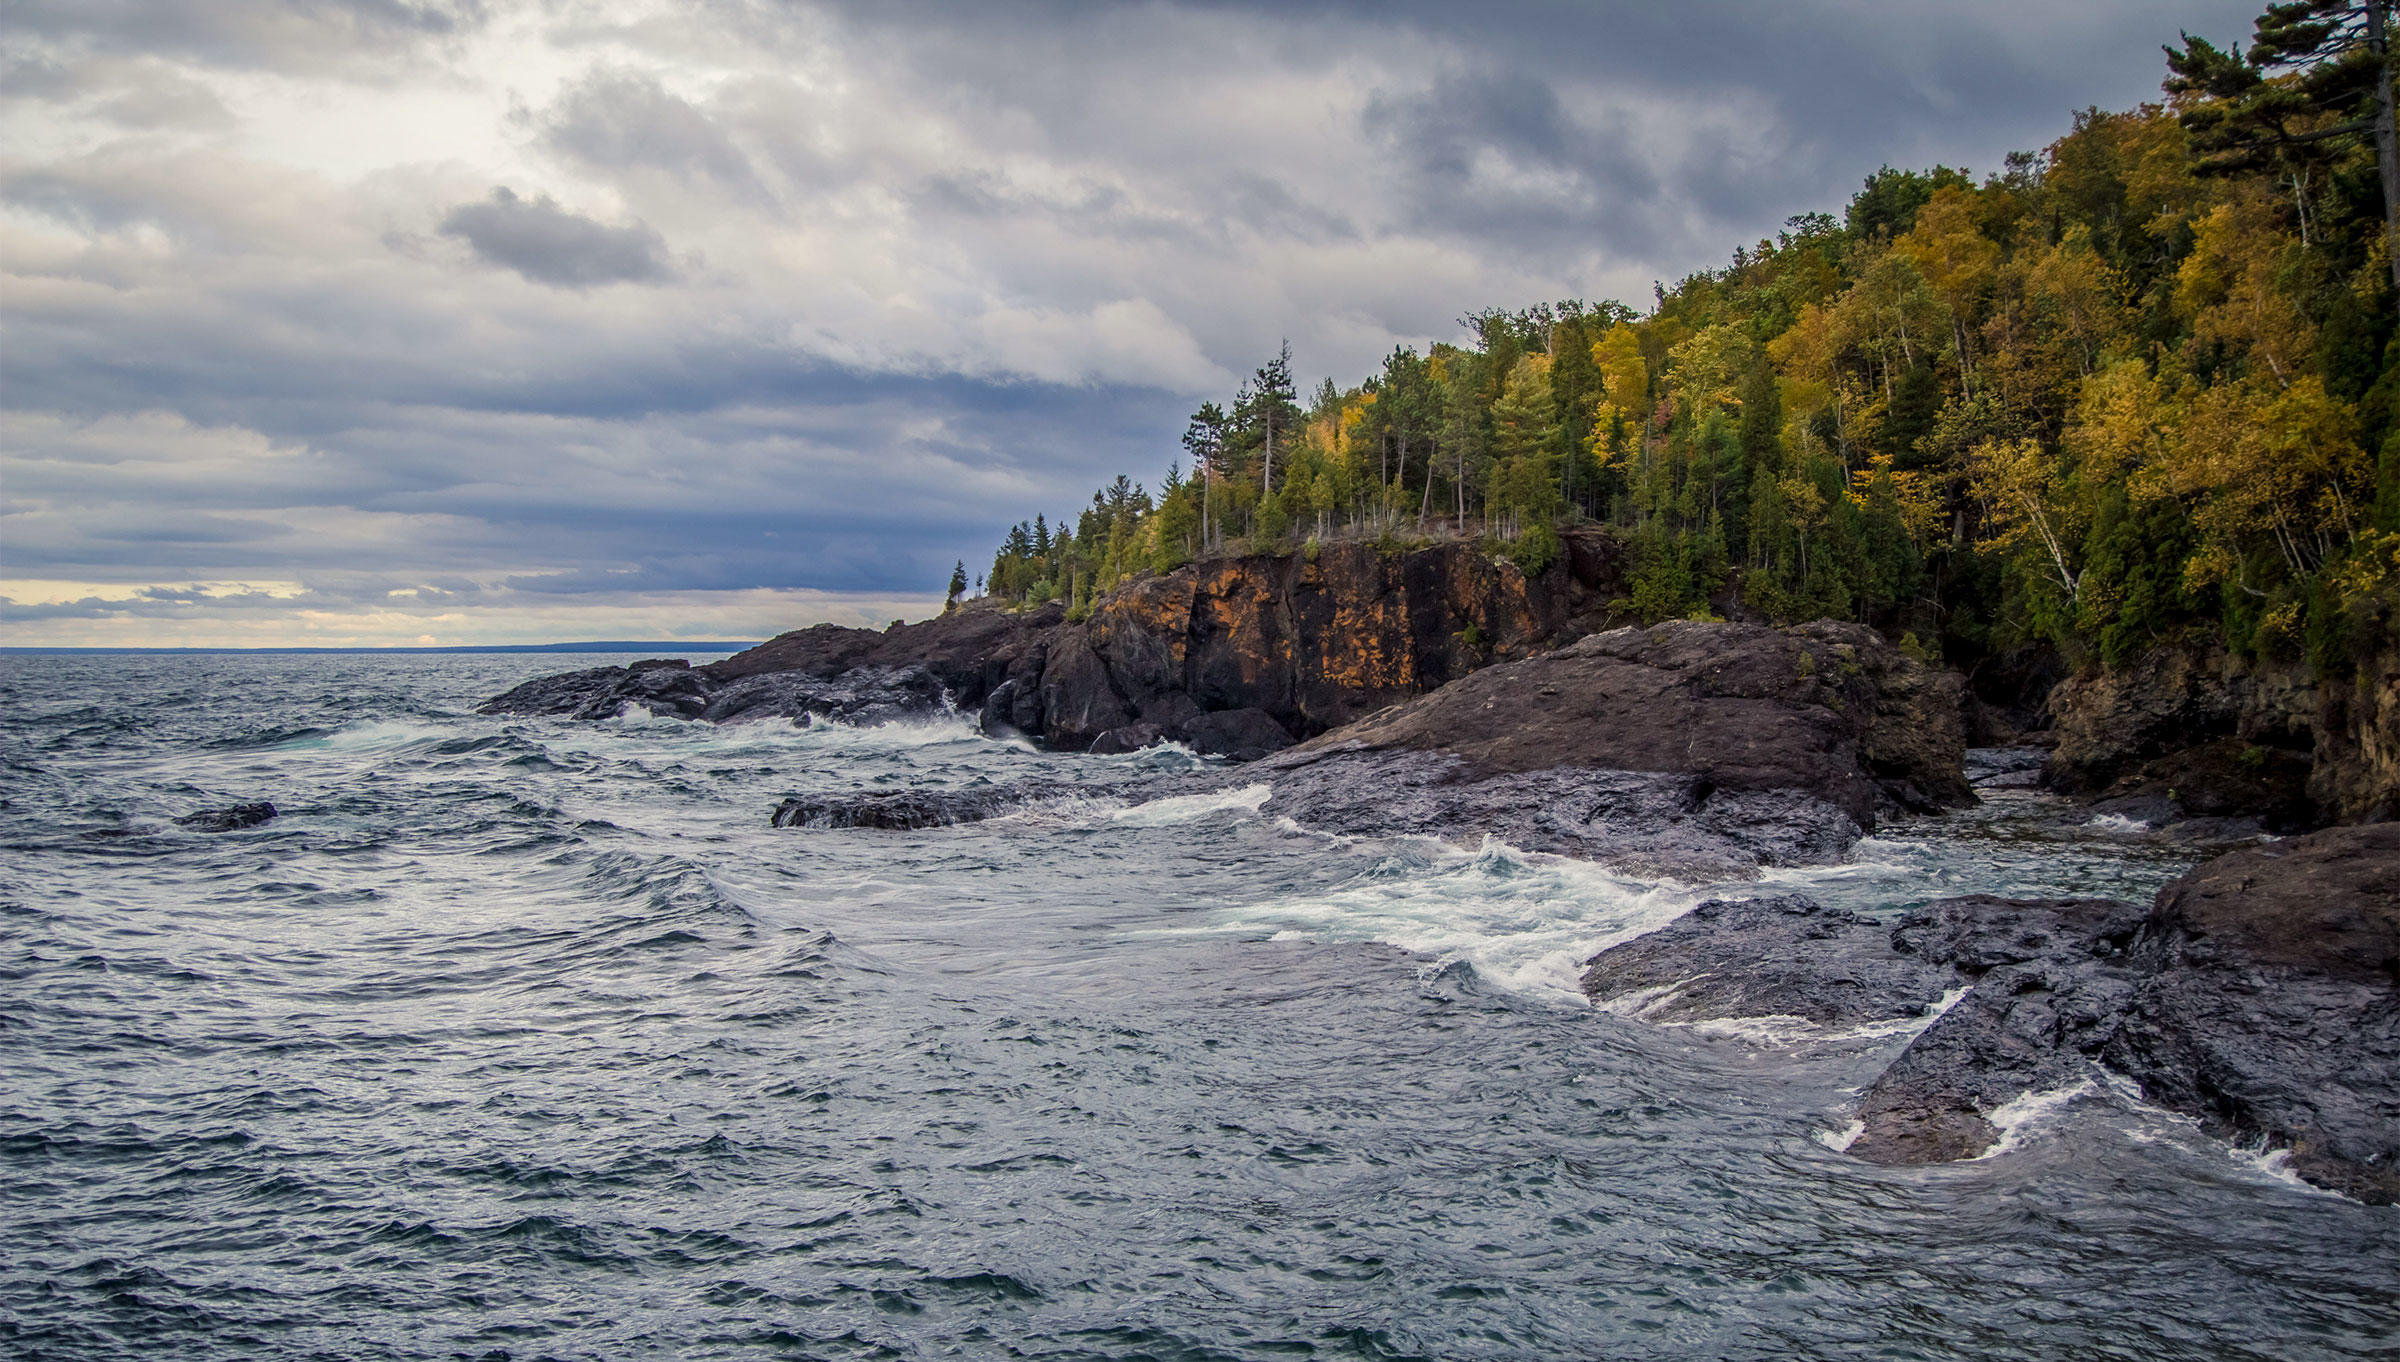 Lake Superior, Michigan. Ehrlif/Alamy